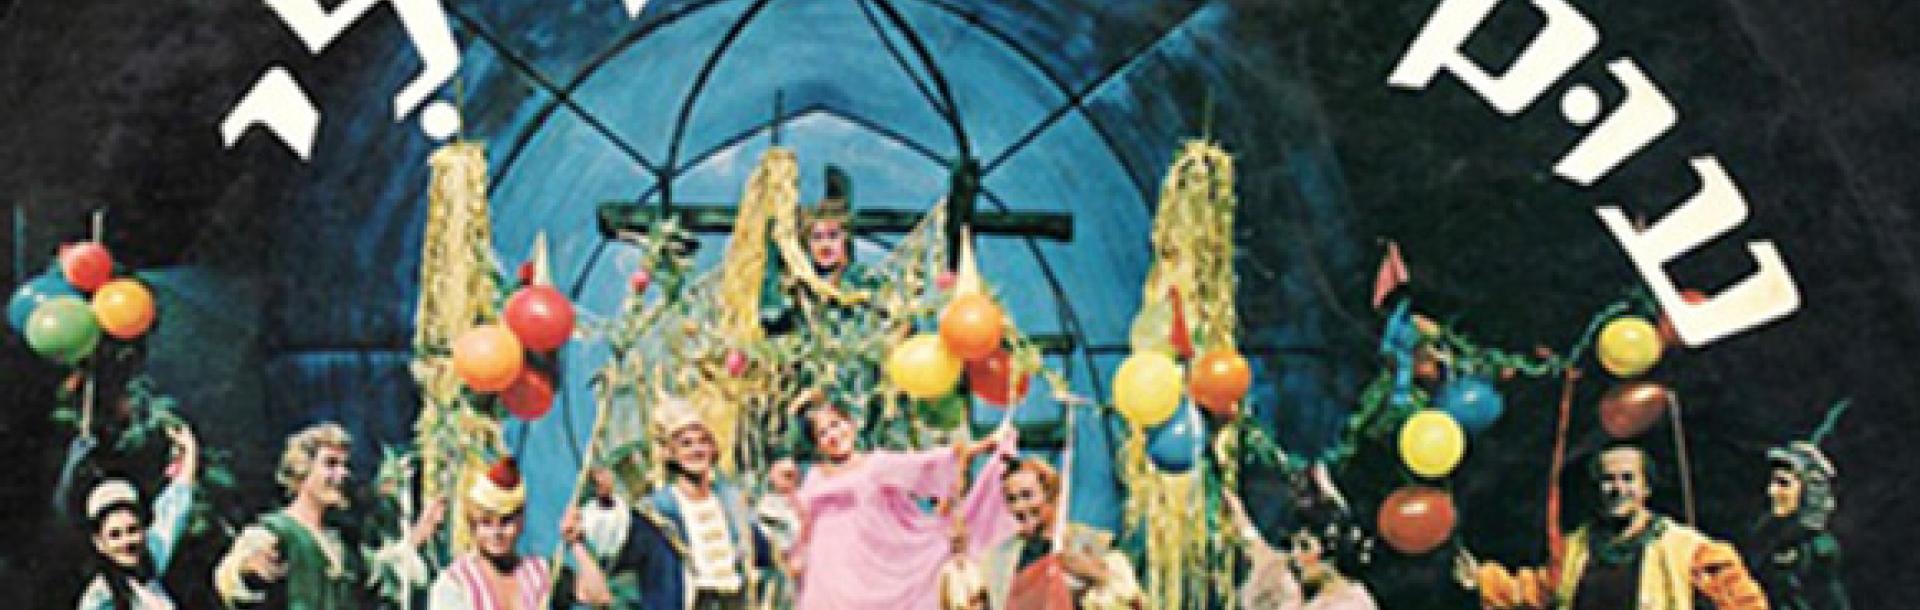 """""""קהל נכבד ברגע זה מתחיל סיפור המחזה"""": שלונסקי ויזרעאלי נפגשים עם קהל צעיר"""